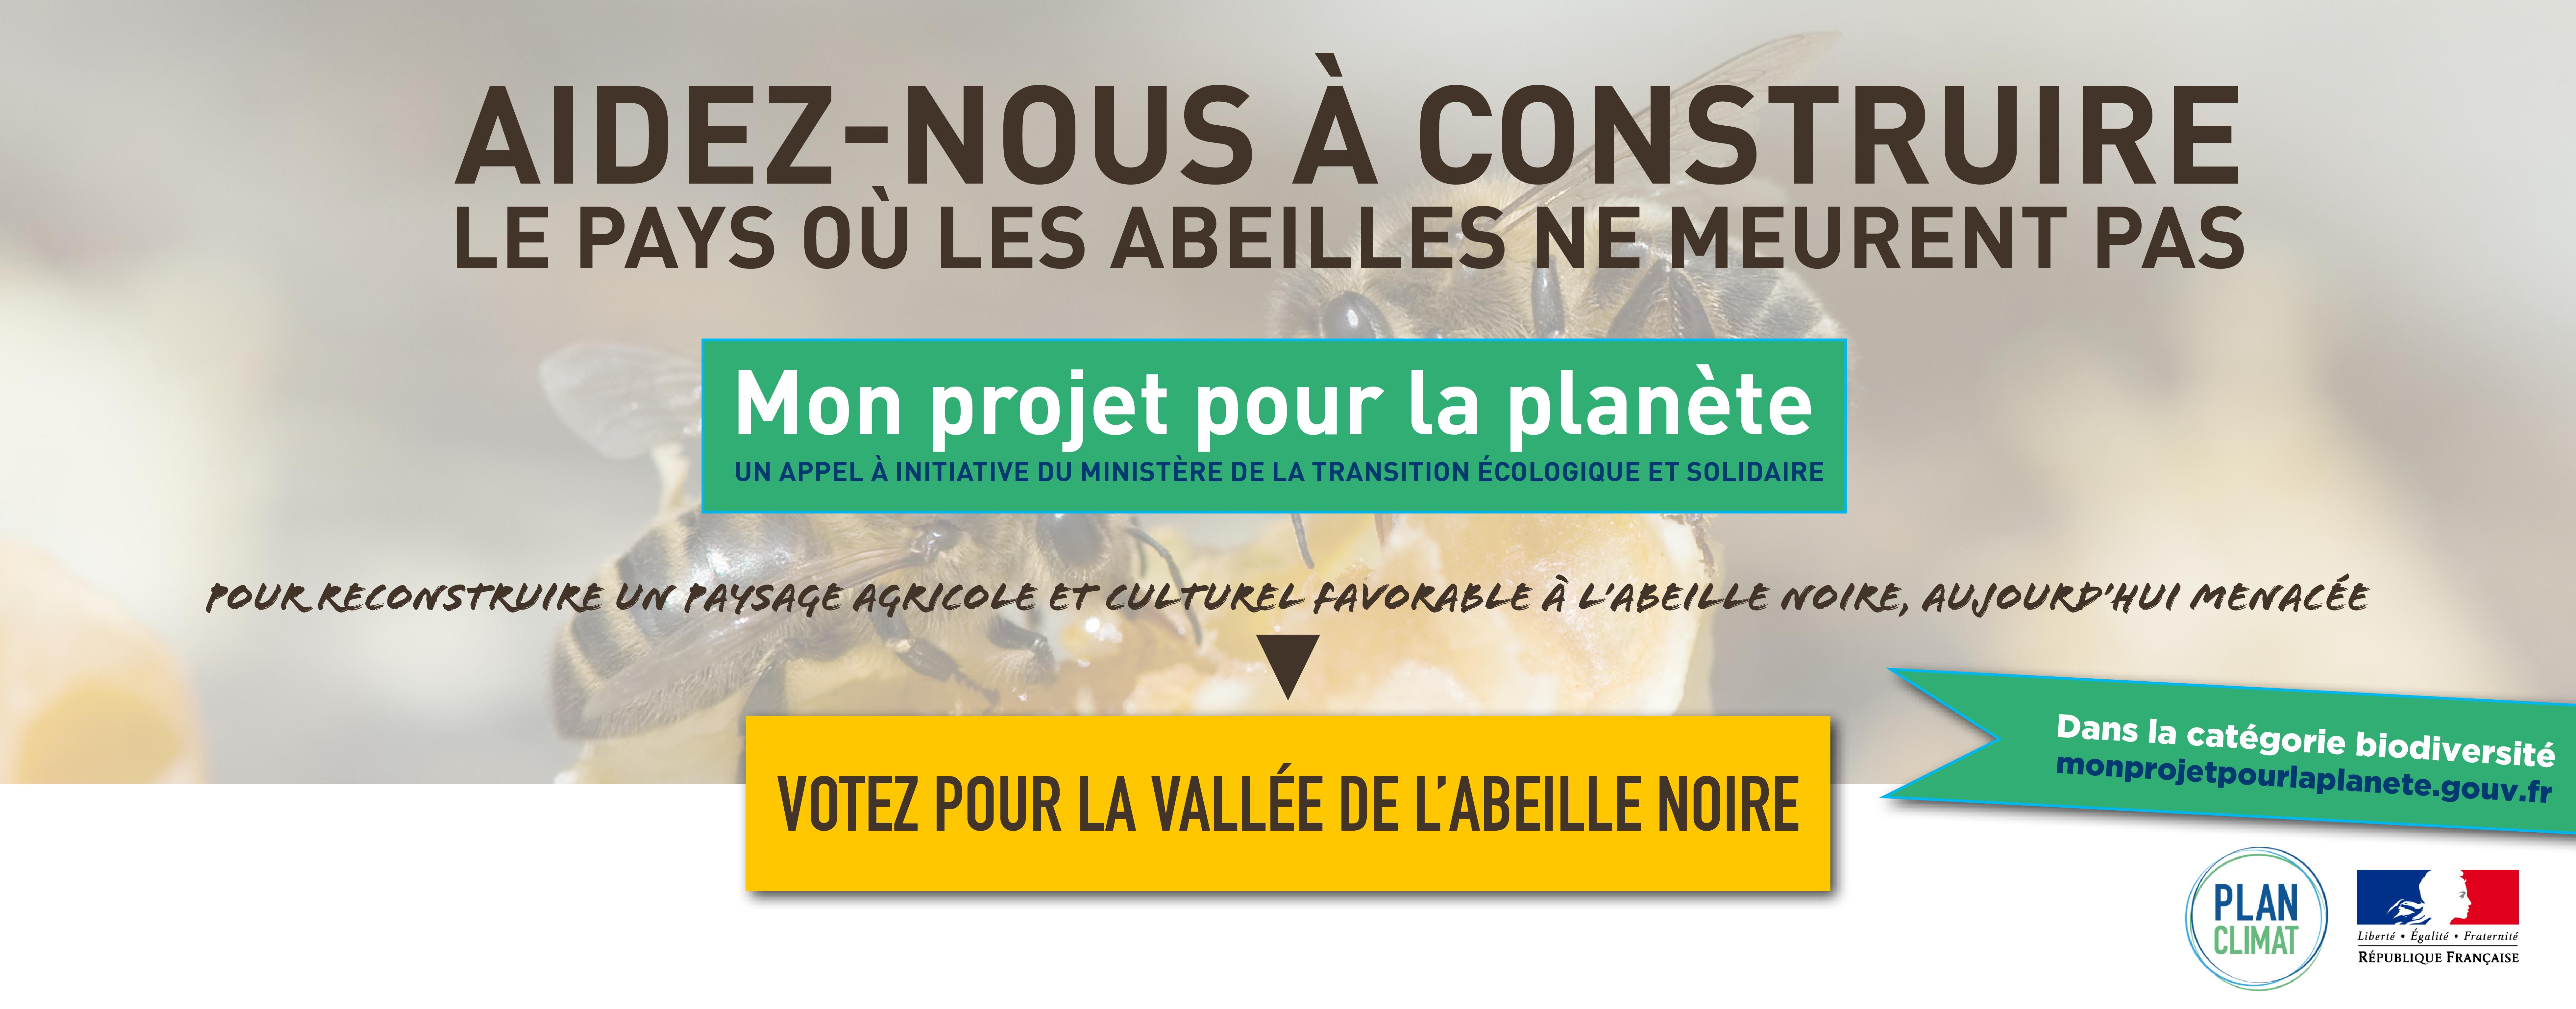 ban-site-mon-projet-pour-la-planete_VFinale